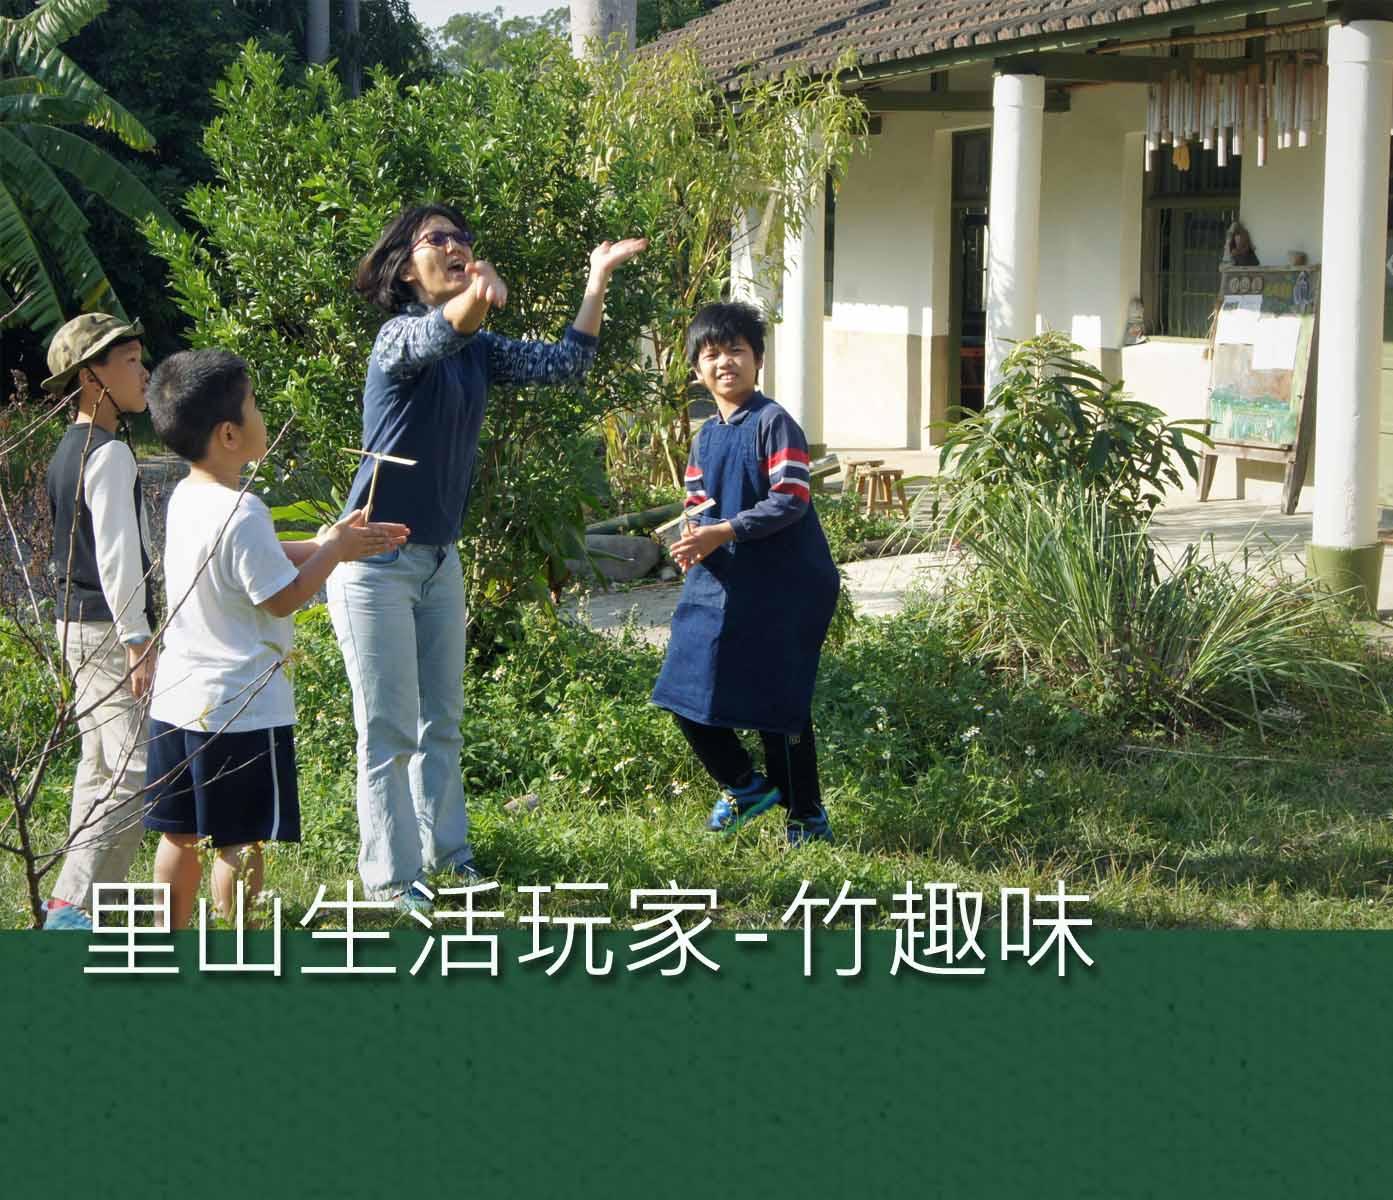 裡山塾體驗活動|里山生活玩家_竹趣味 | 裡山塾